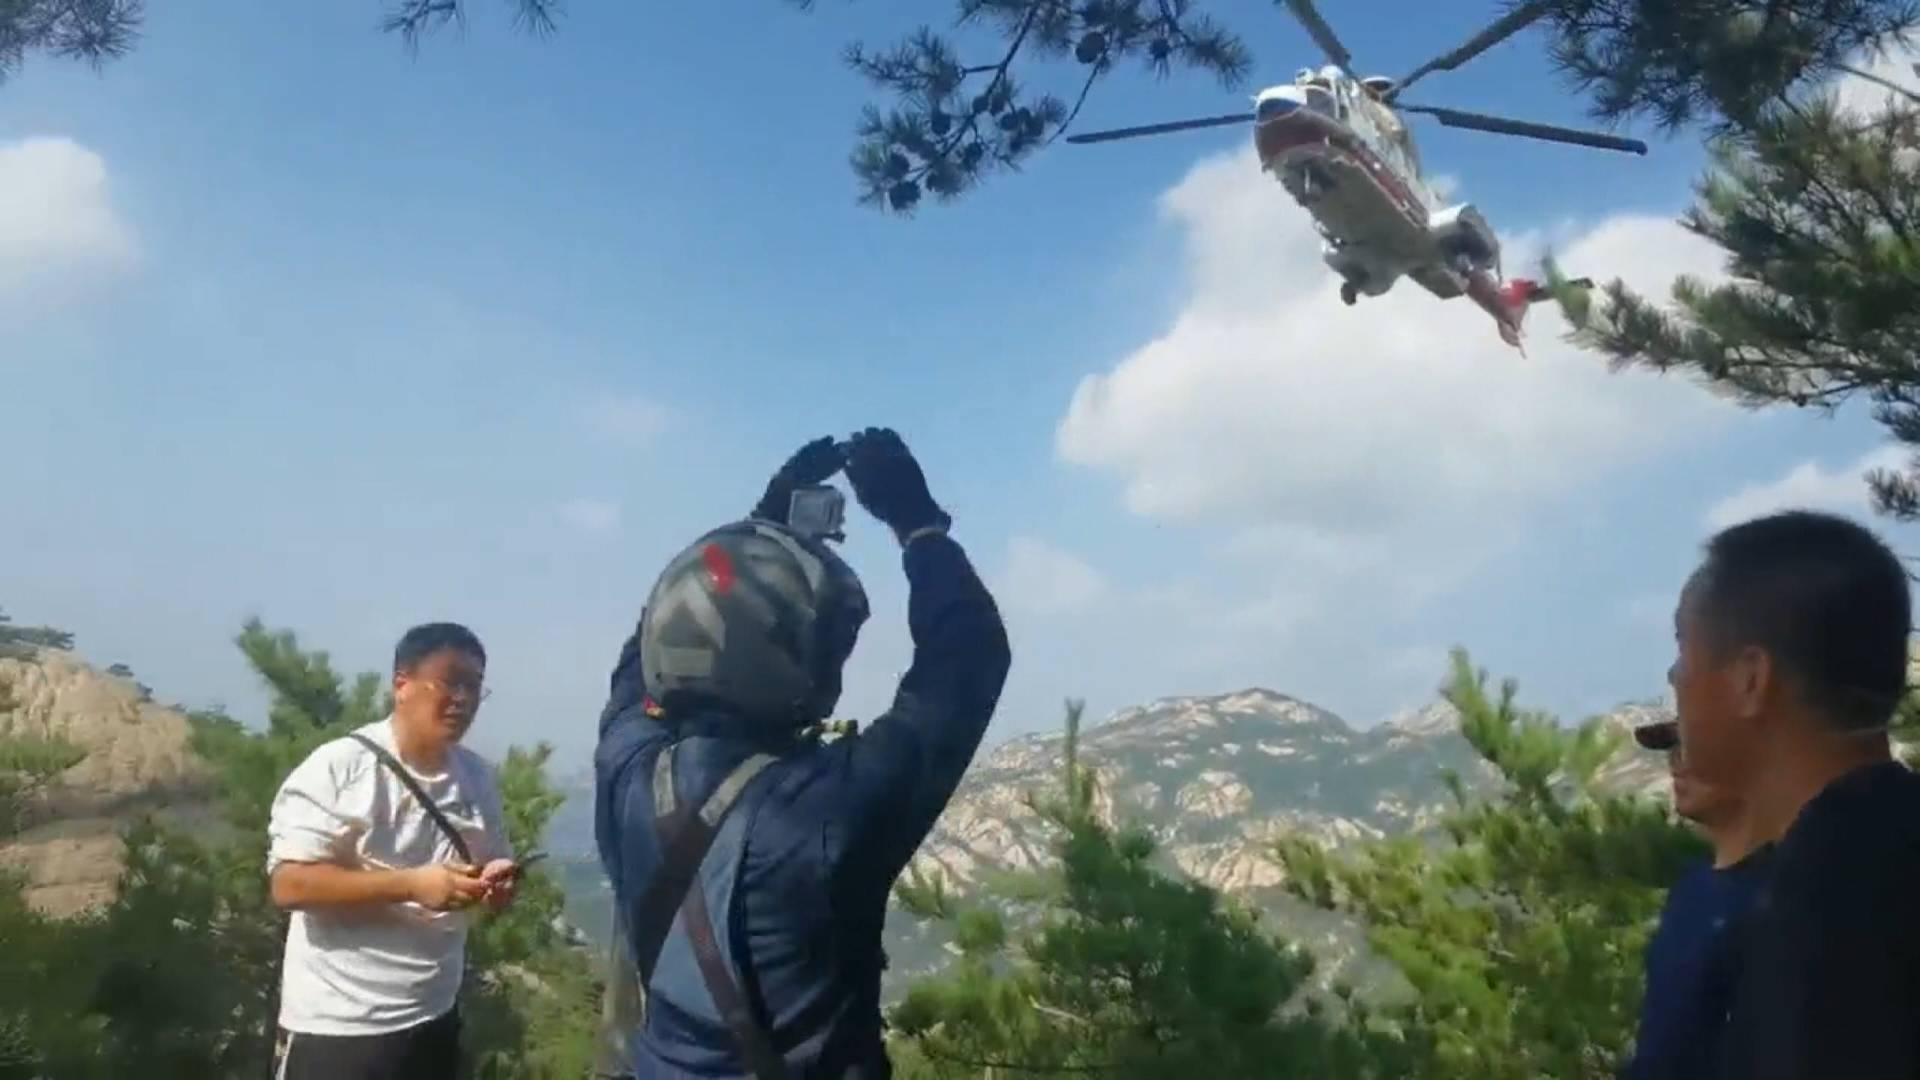 69岁登山爱好者爬烟台昆嵛山时突发心梗 直升机火速救援